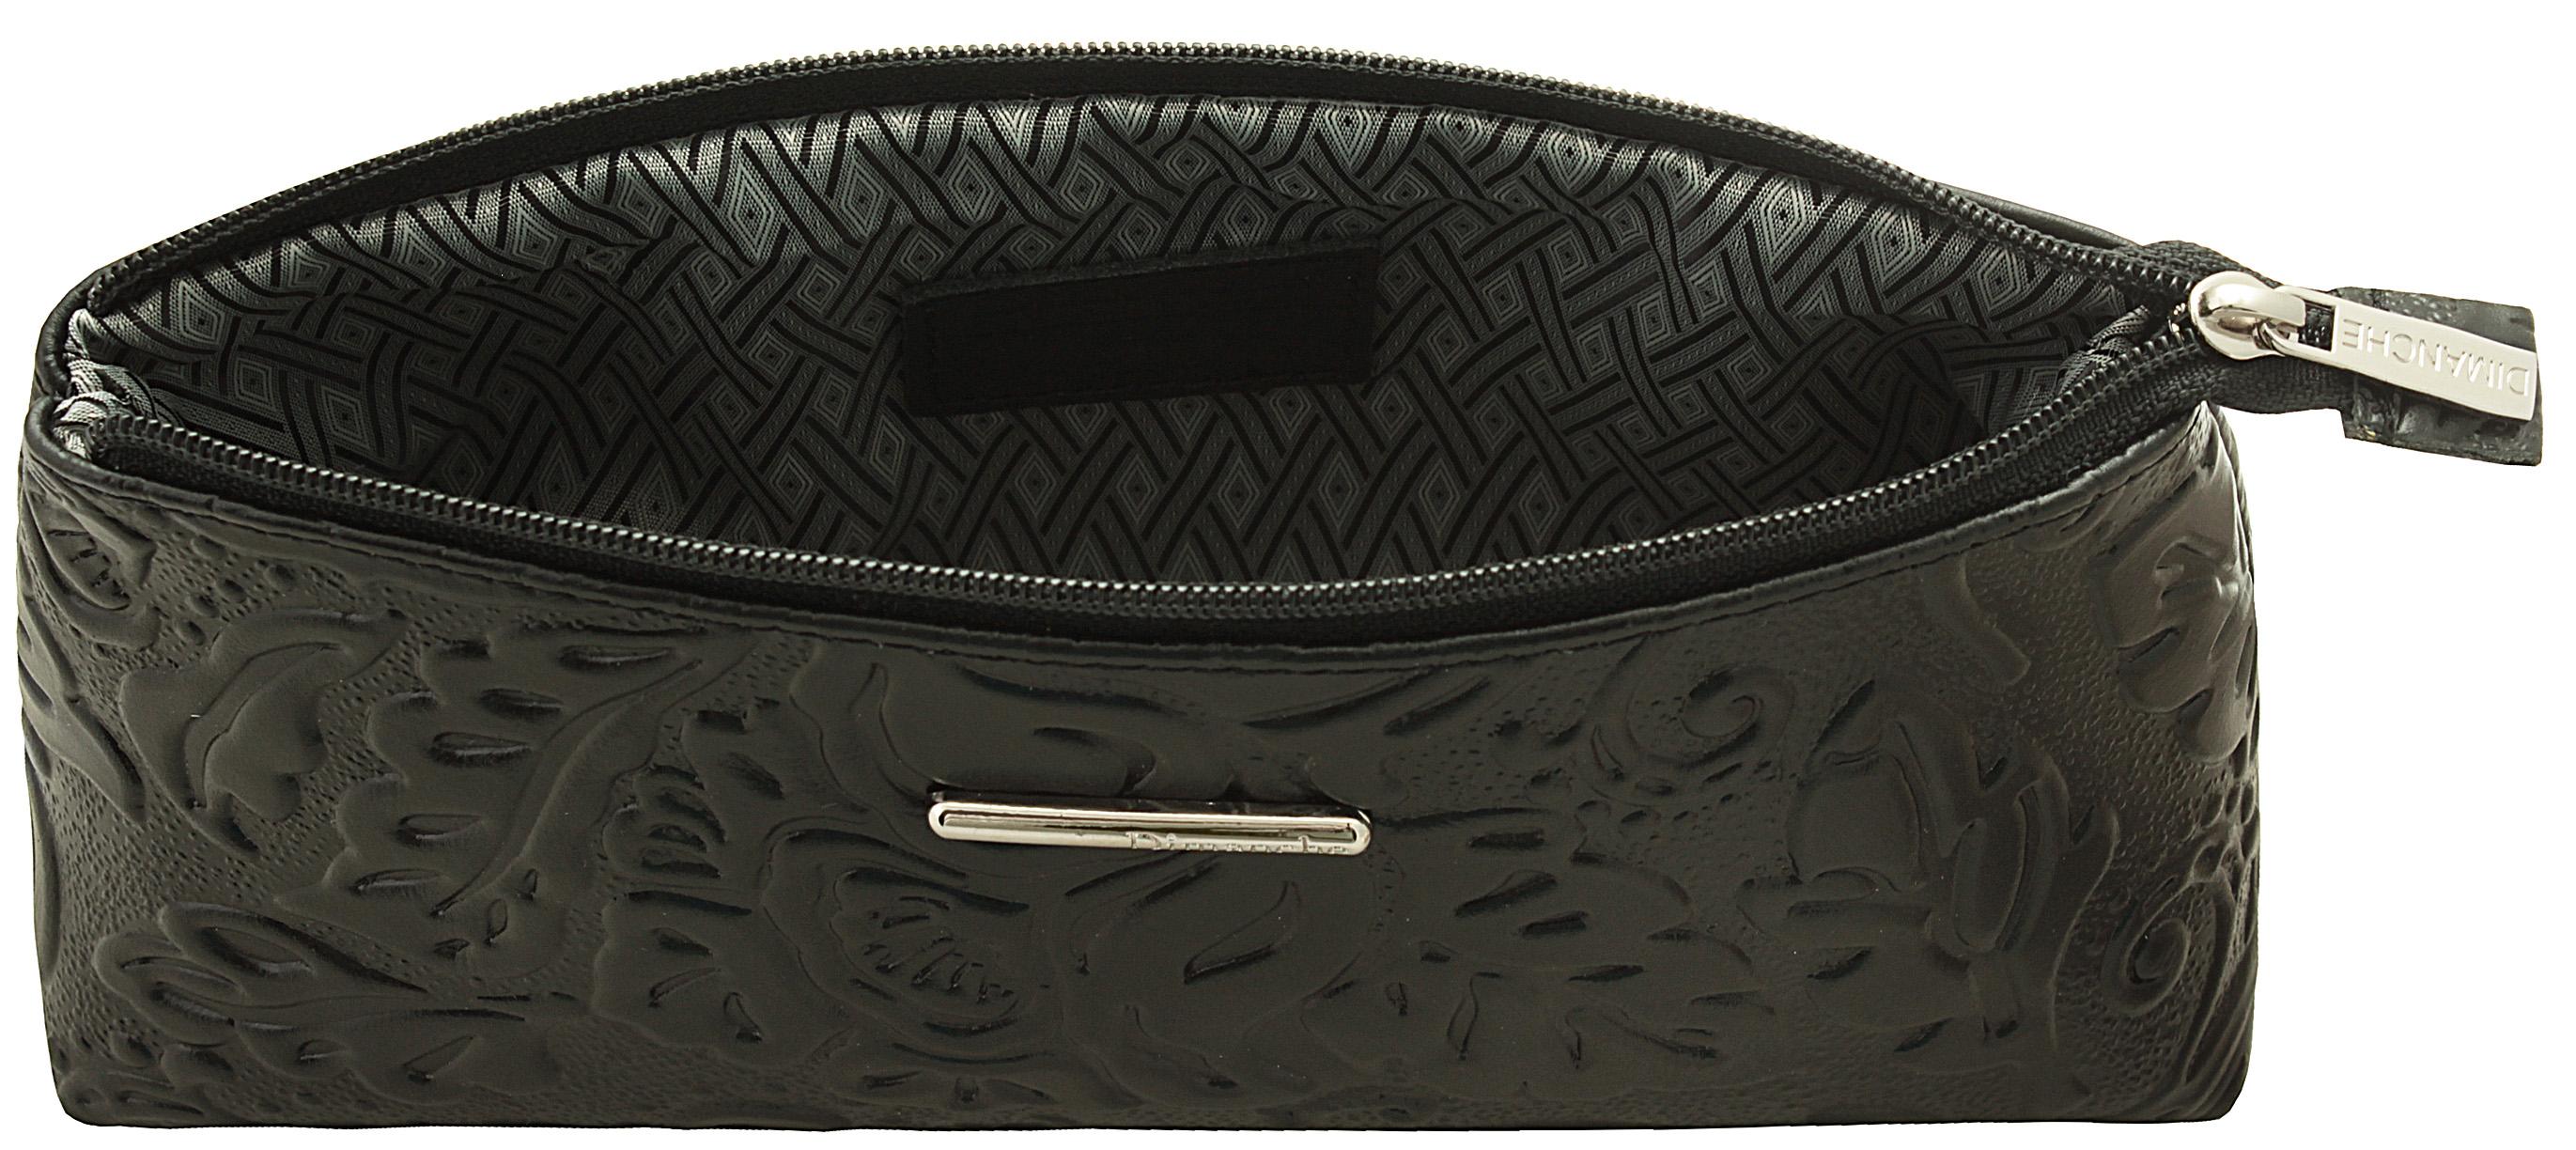 Косметичка женская Dimanche, цвет: черный. 356356В косметичке одно большое отделение, закрывающееся на молнию, на ножках.